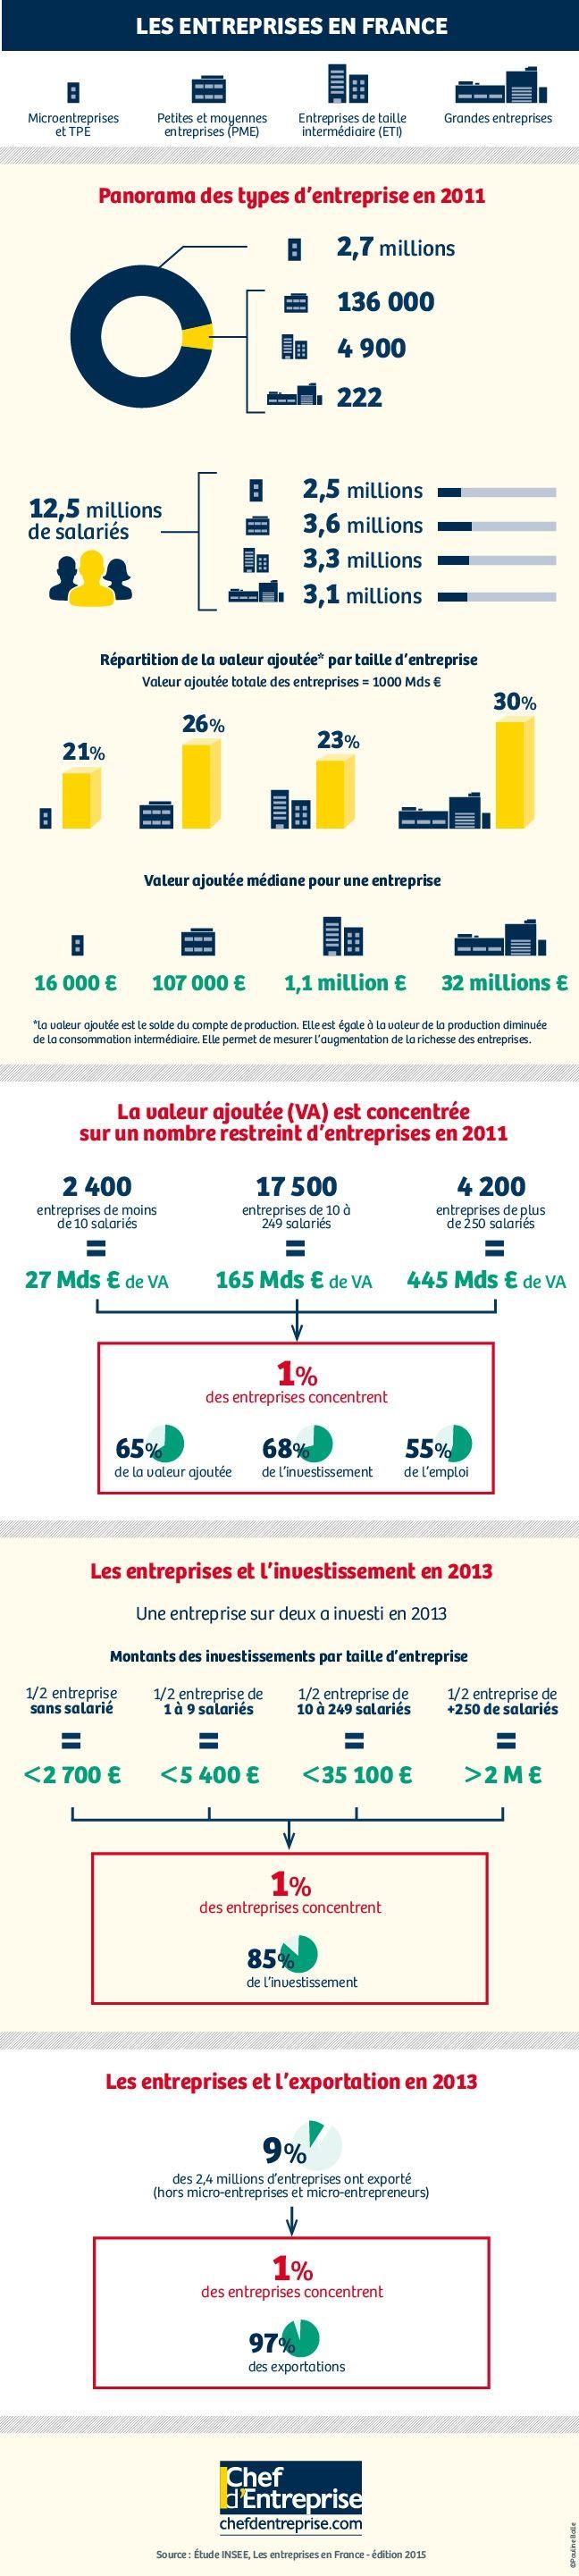 Infographie | Panorama des entreprises en France